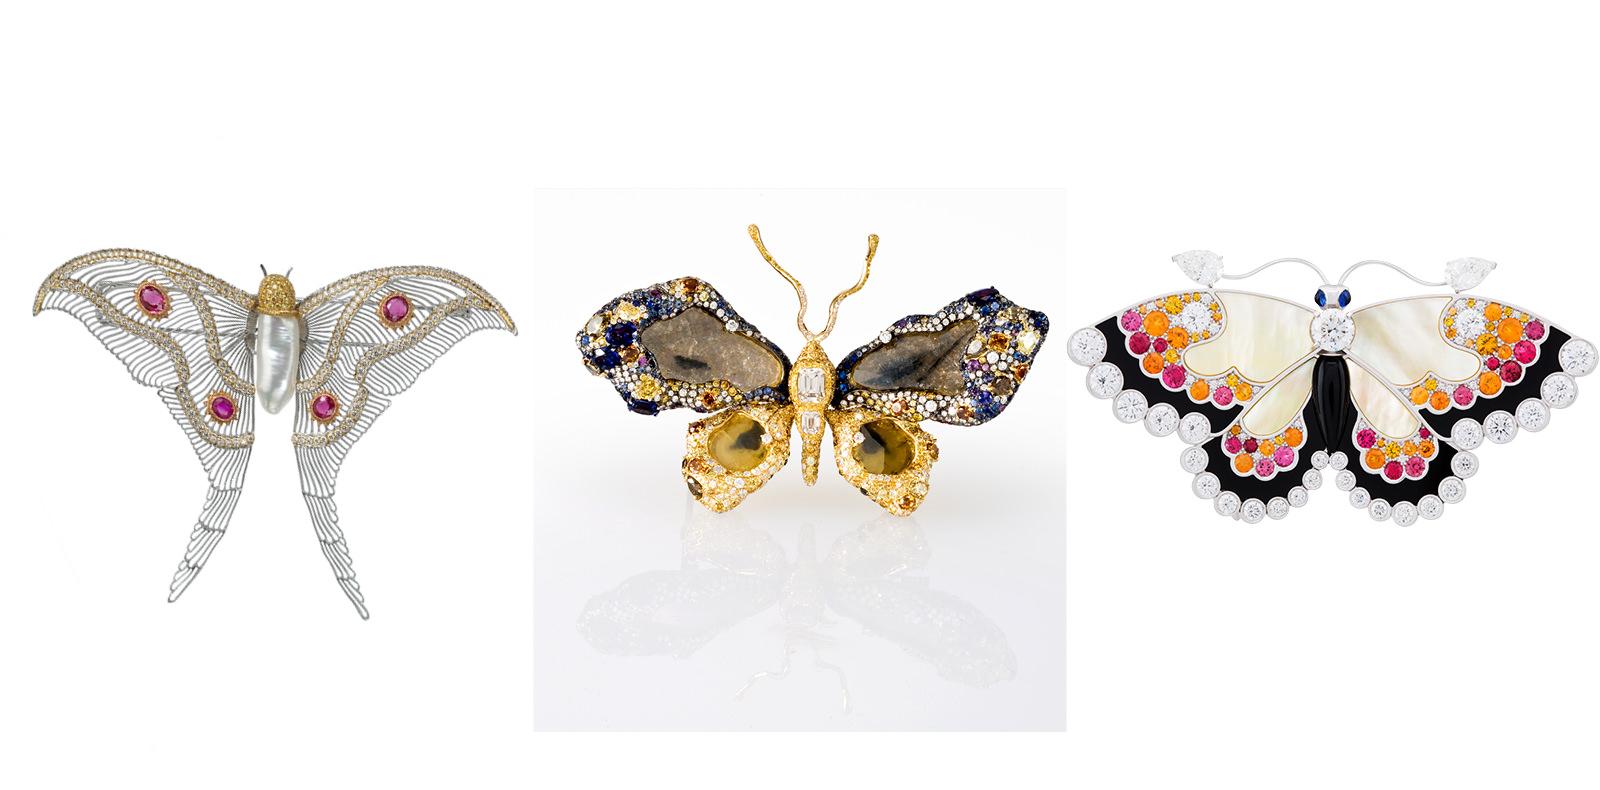 De gauche à droite : Broche en orgravé, diamants, rubis et perlebaroque, BUCCELLATI (pièce unique). Broche en or jaune, diamants, saphirs, rubiset grenats tsavorites, CINDY CHAO. Clip en or blanc, diamants, saphirs jaunes, saphirs bleus, grenats spessartites, spinelles rouges, onyx etnacre, VAN CLEEF & ARPELS.